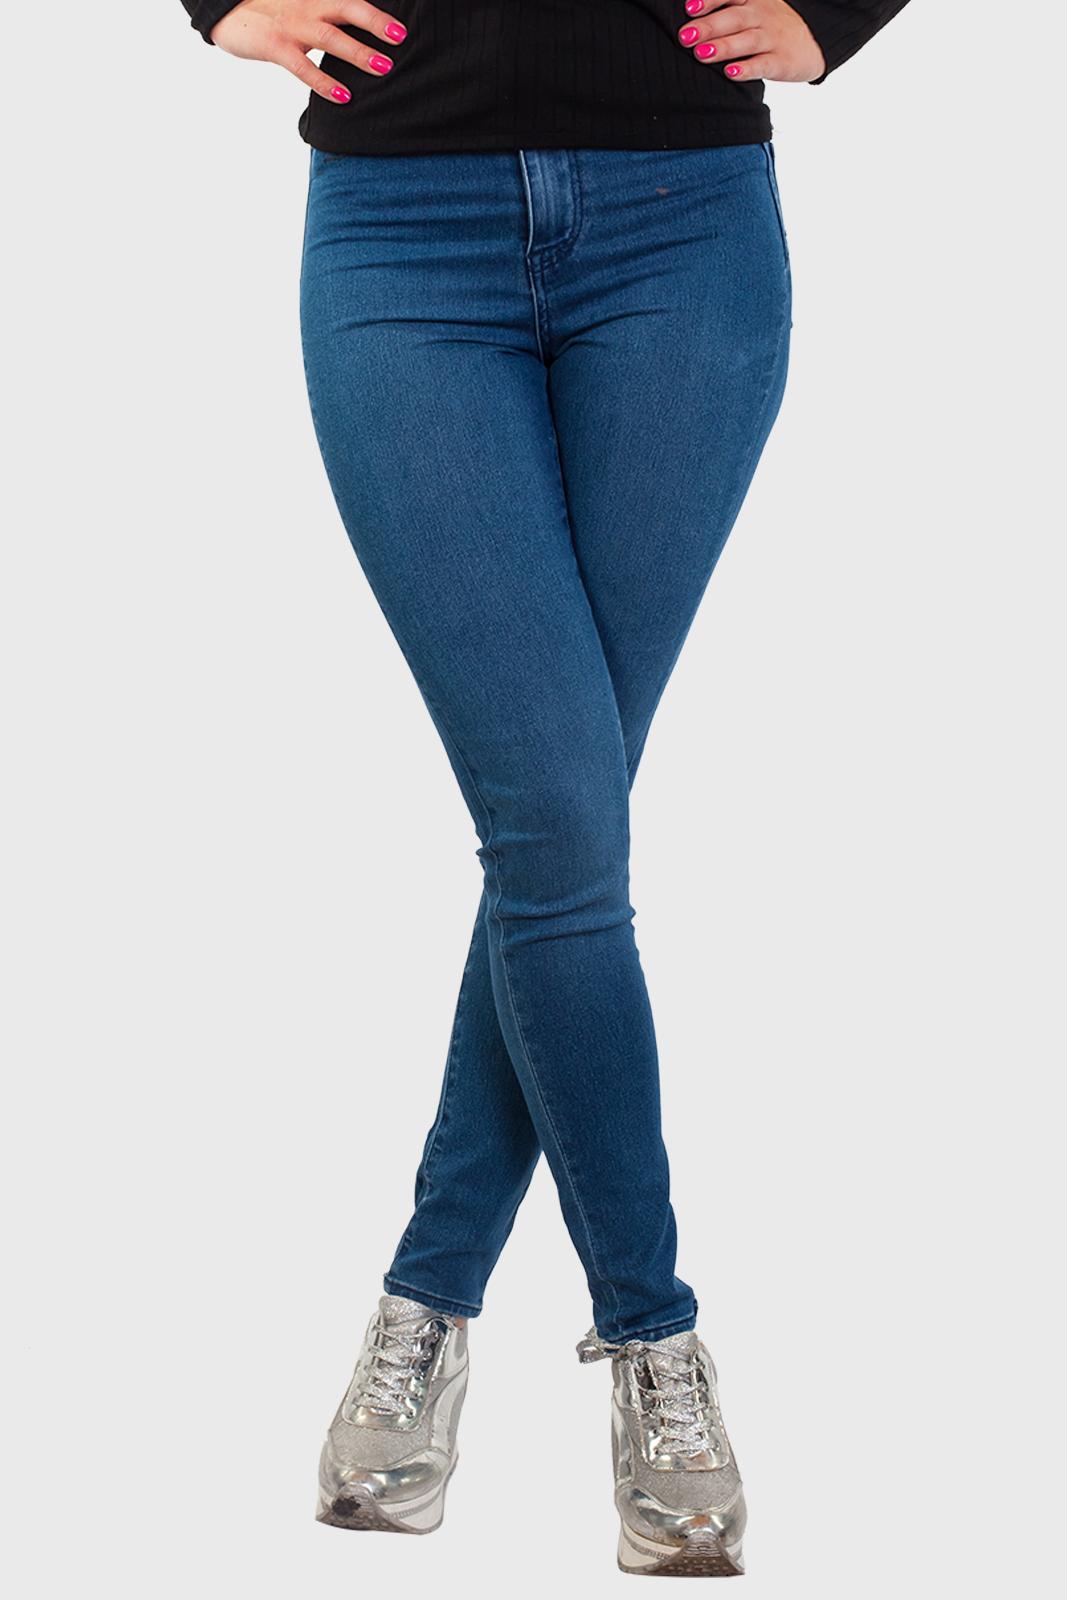 Заказать брендовые женские джинсы от DENIM (Турция)